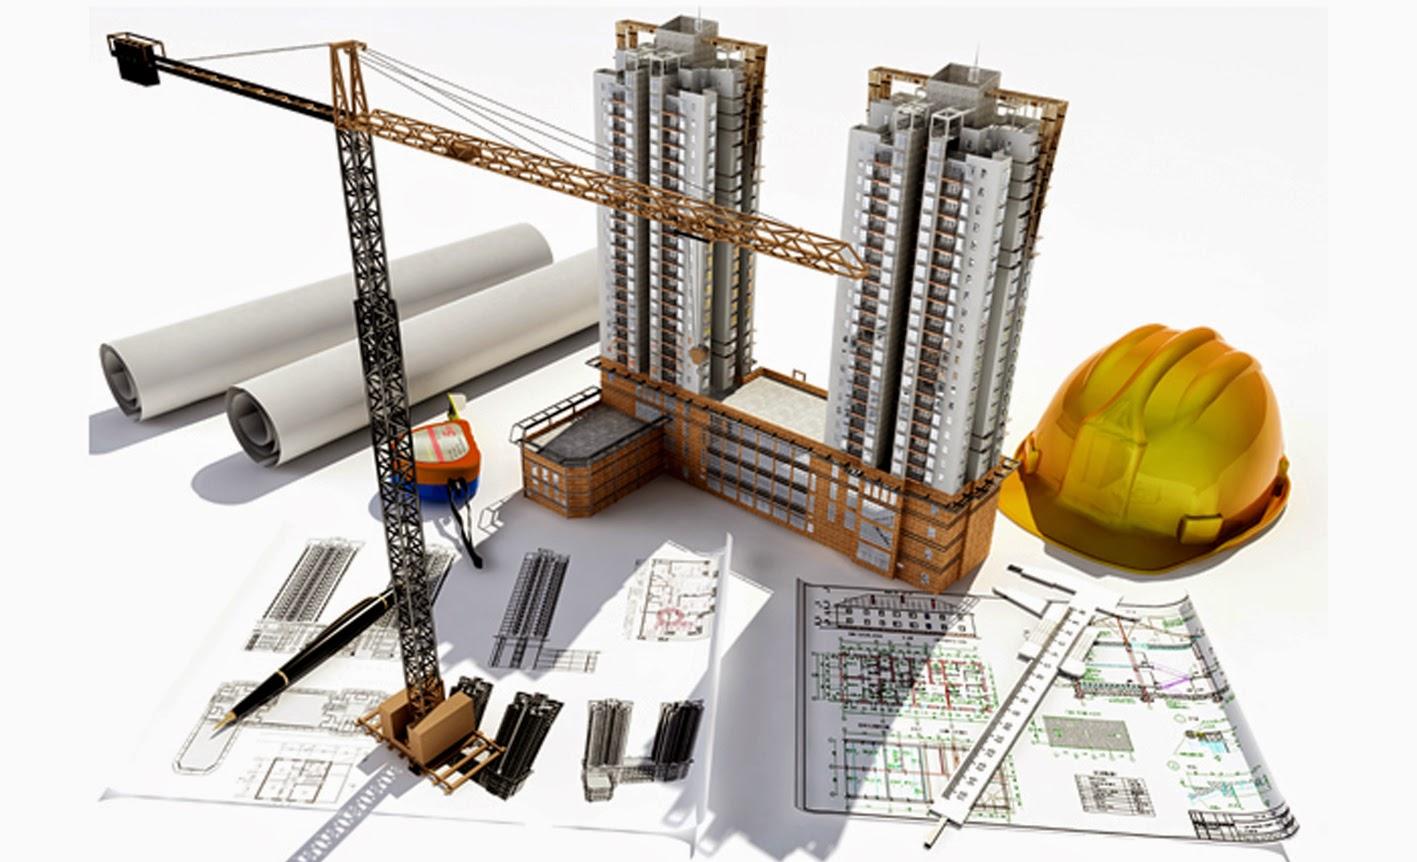 Descomplicando a Engenharia: Construção descomplicada #C0A70B 1417x862 Autocad Banheiro Deficiente